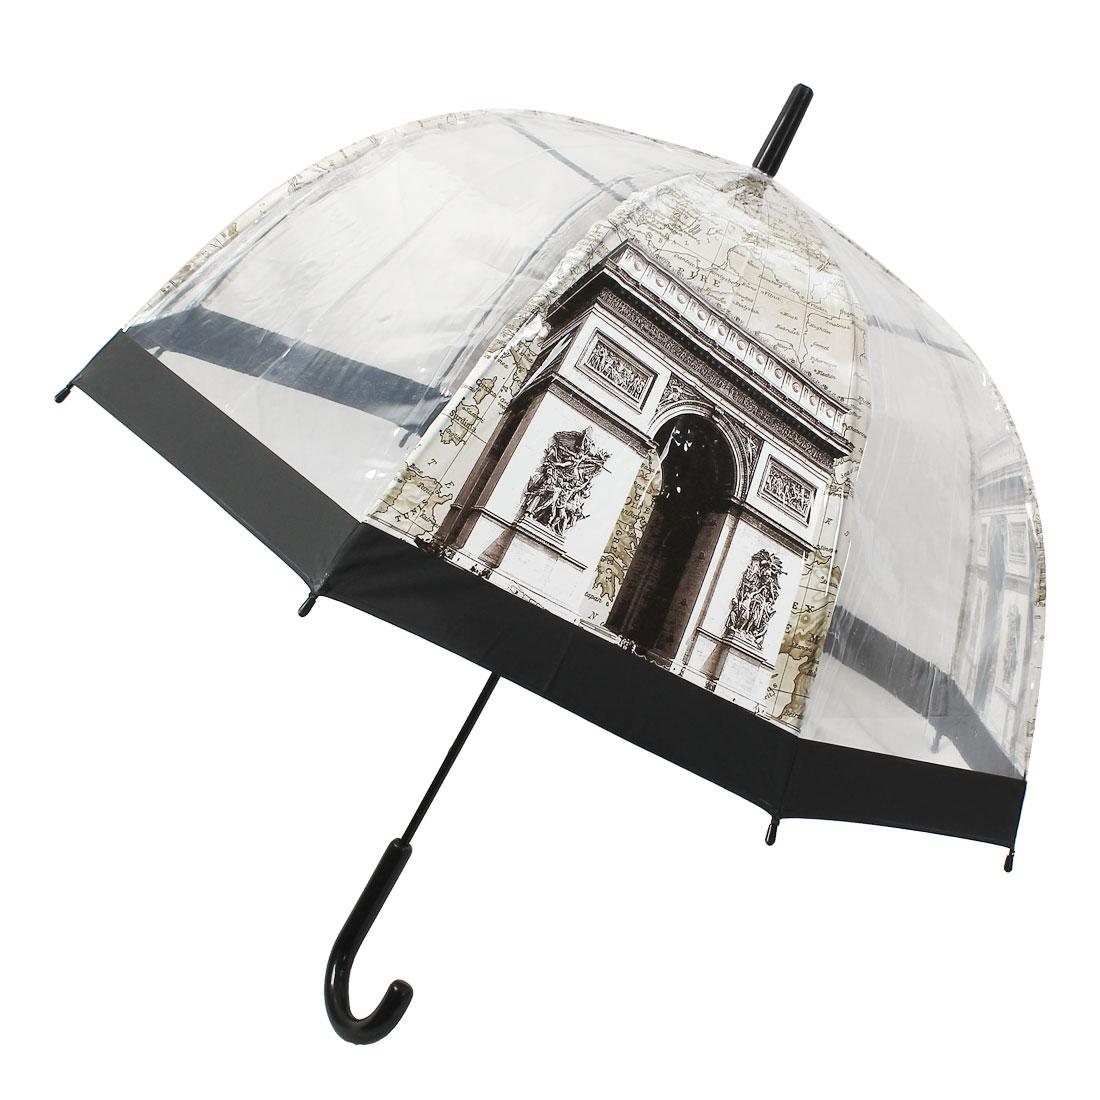 Hooked Handle Transparent Paris Triumphal Arch Pattern Dome Umbrella Beige